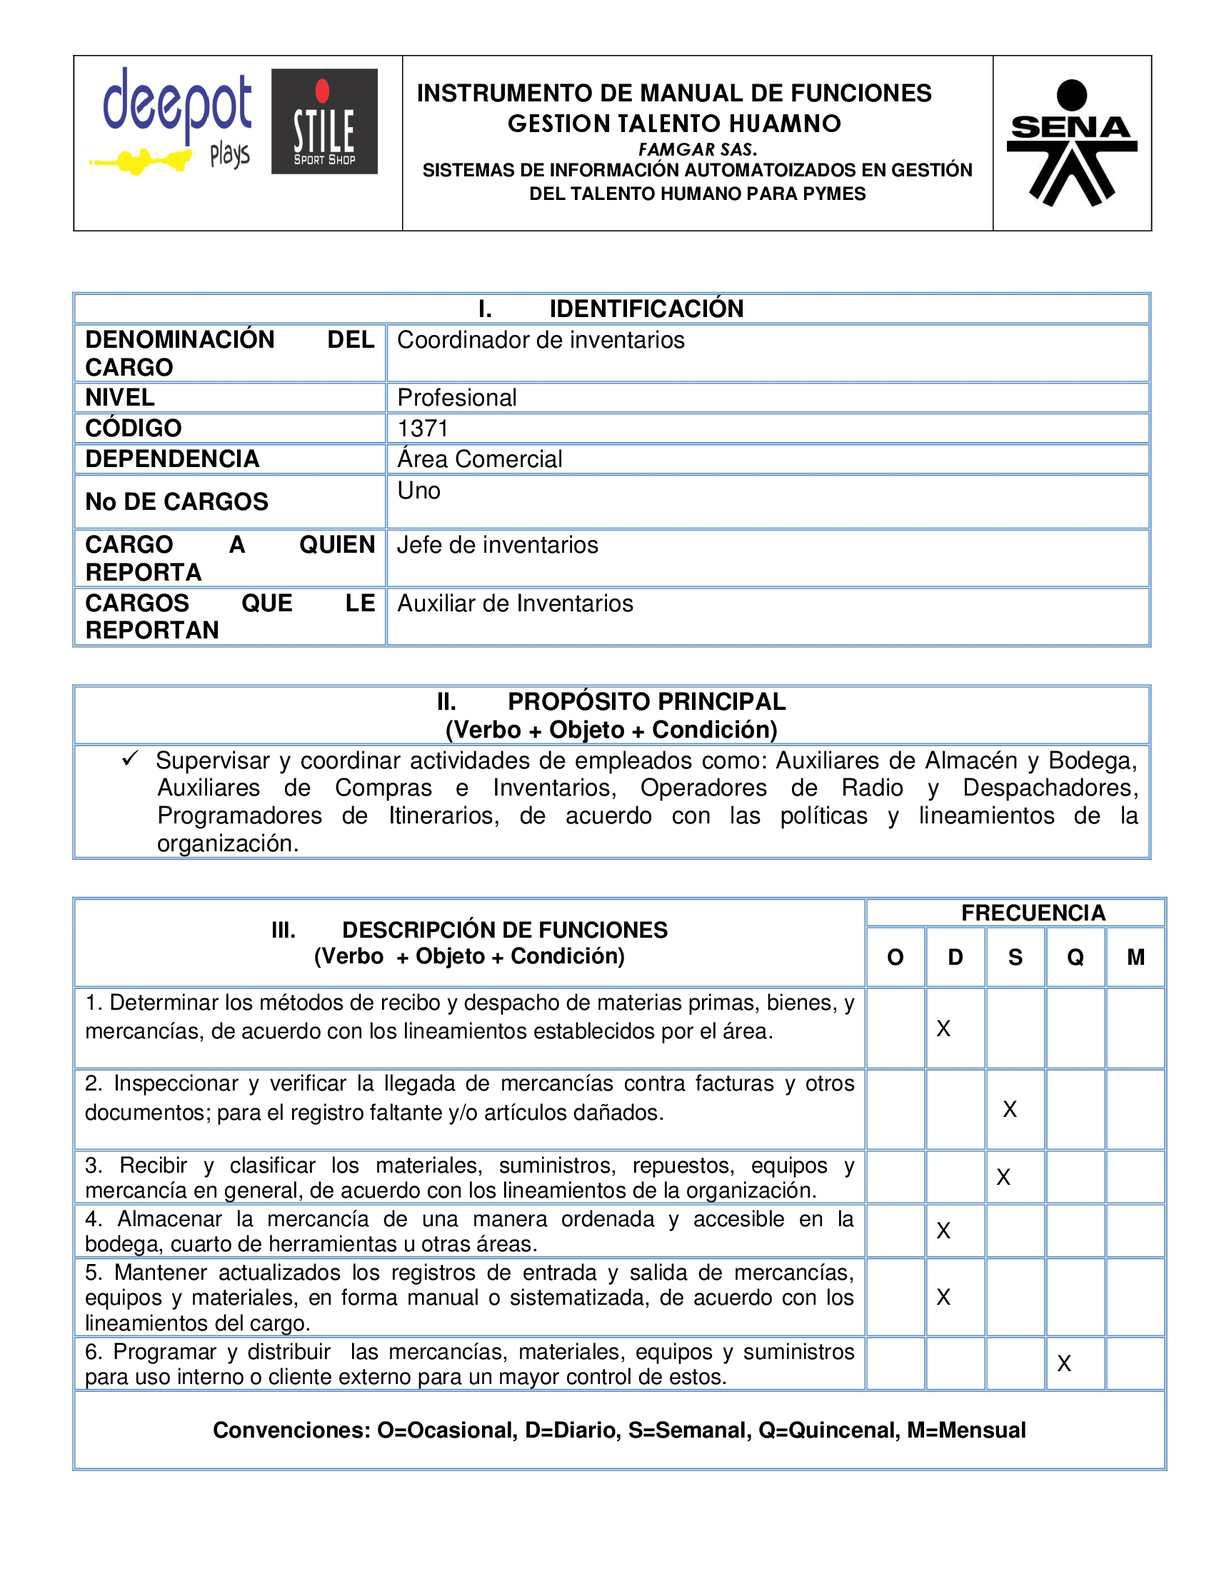 Calam o manual de funciones coordinador de inventarios for Manual de restaurante pdf